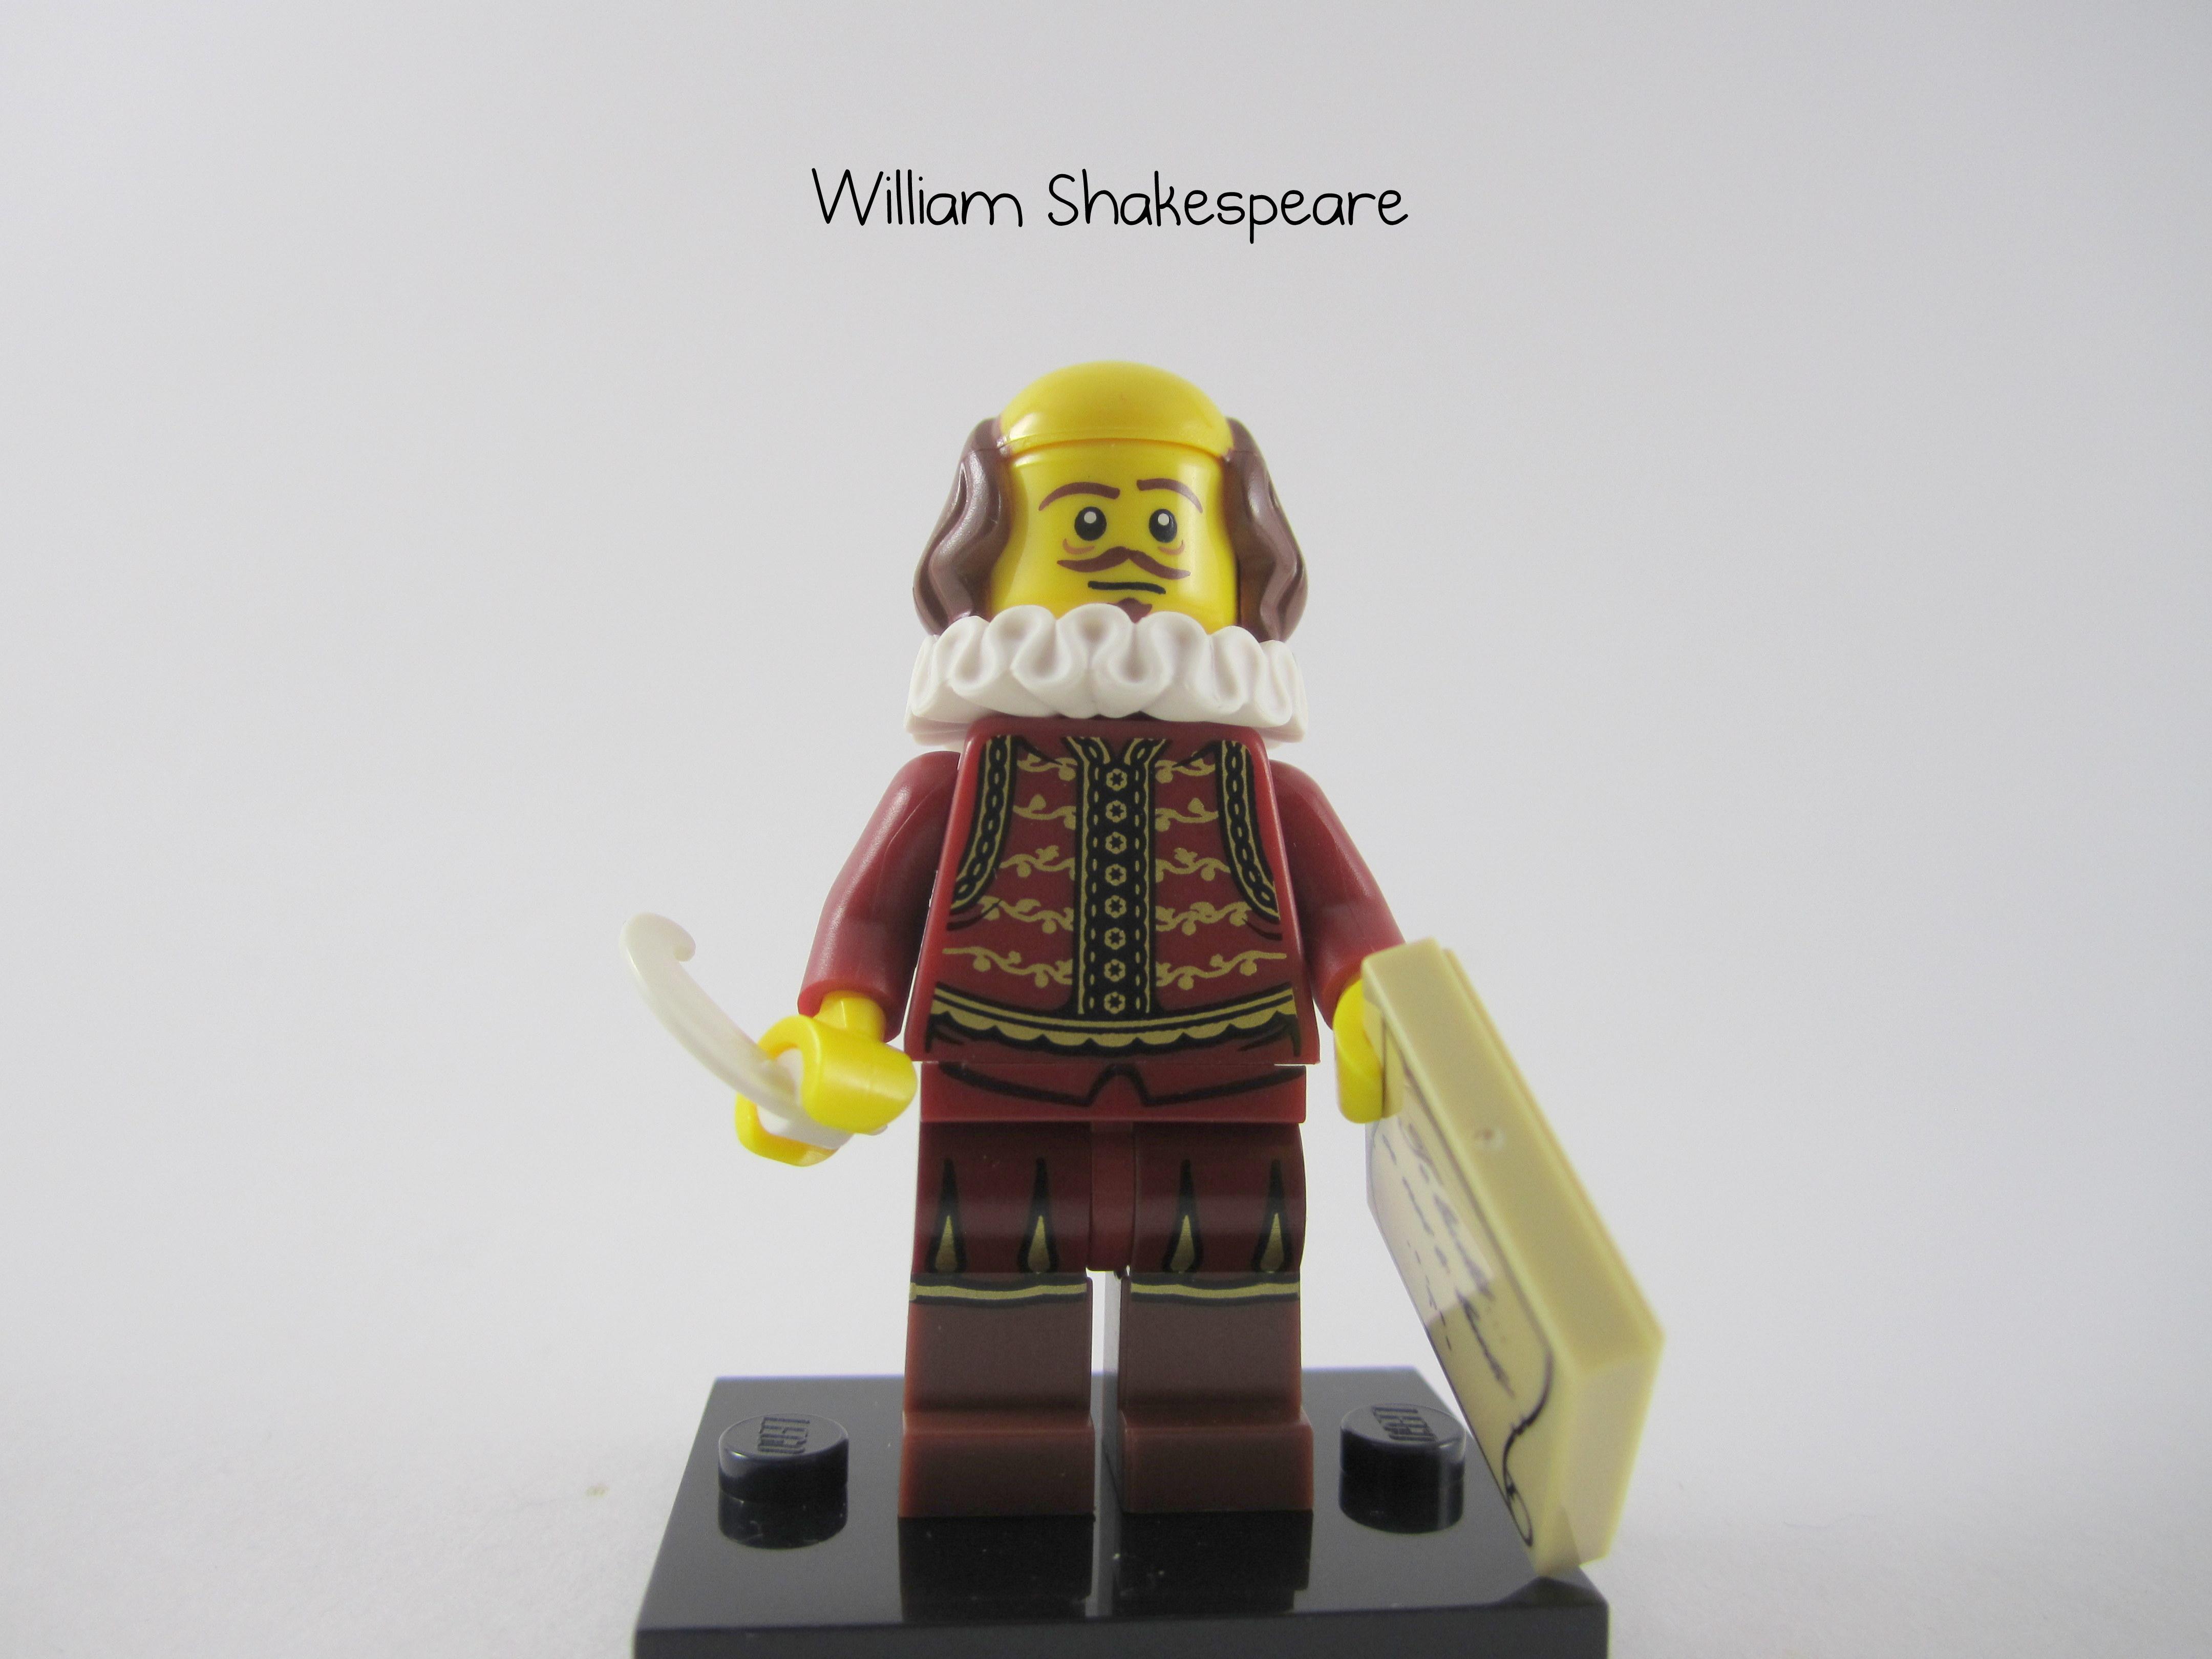 William Shakespeare Minifig